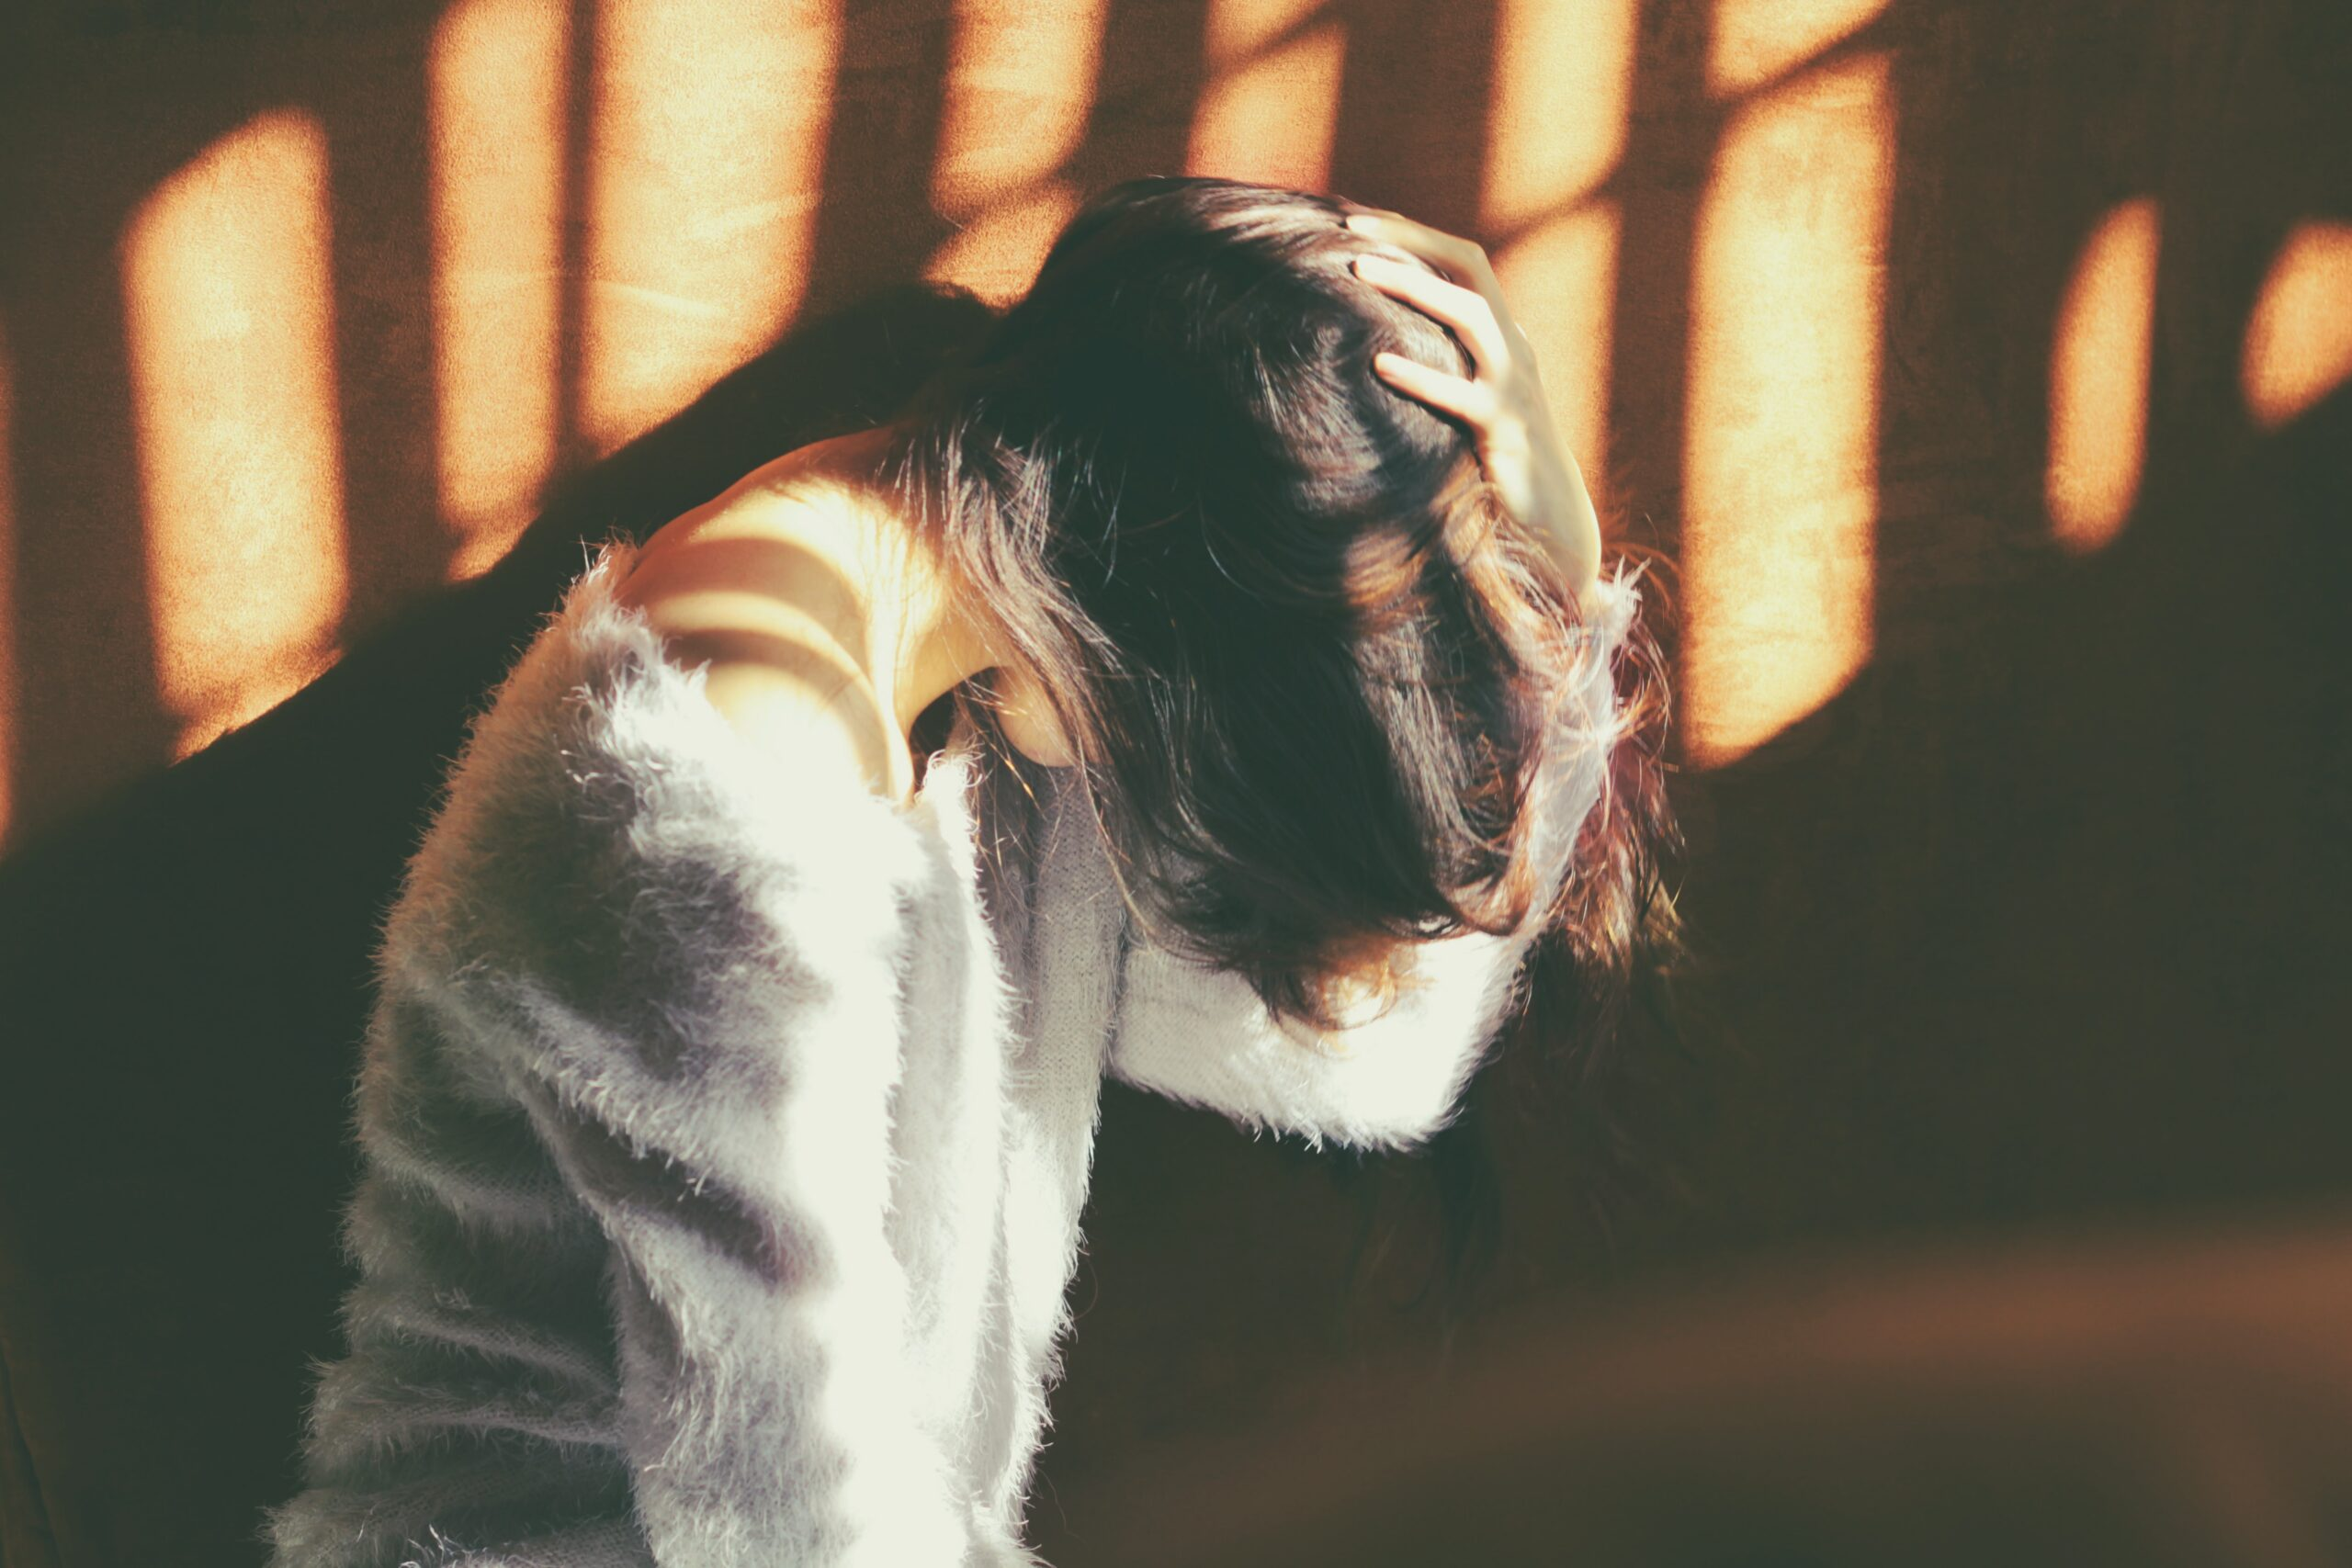 頭痛のスピリチュアル的な意味は?よく頭痛が起きる人の原因とメッセージ